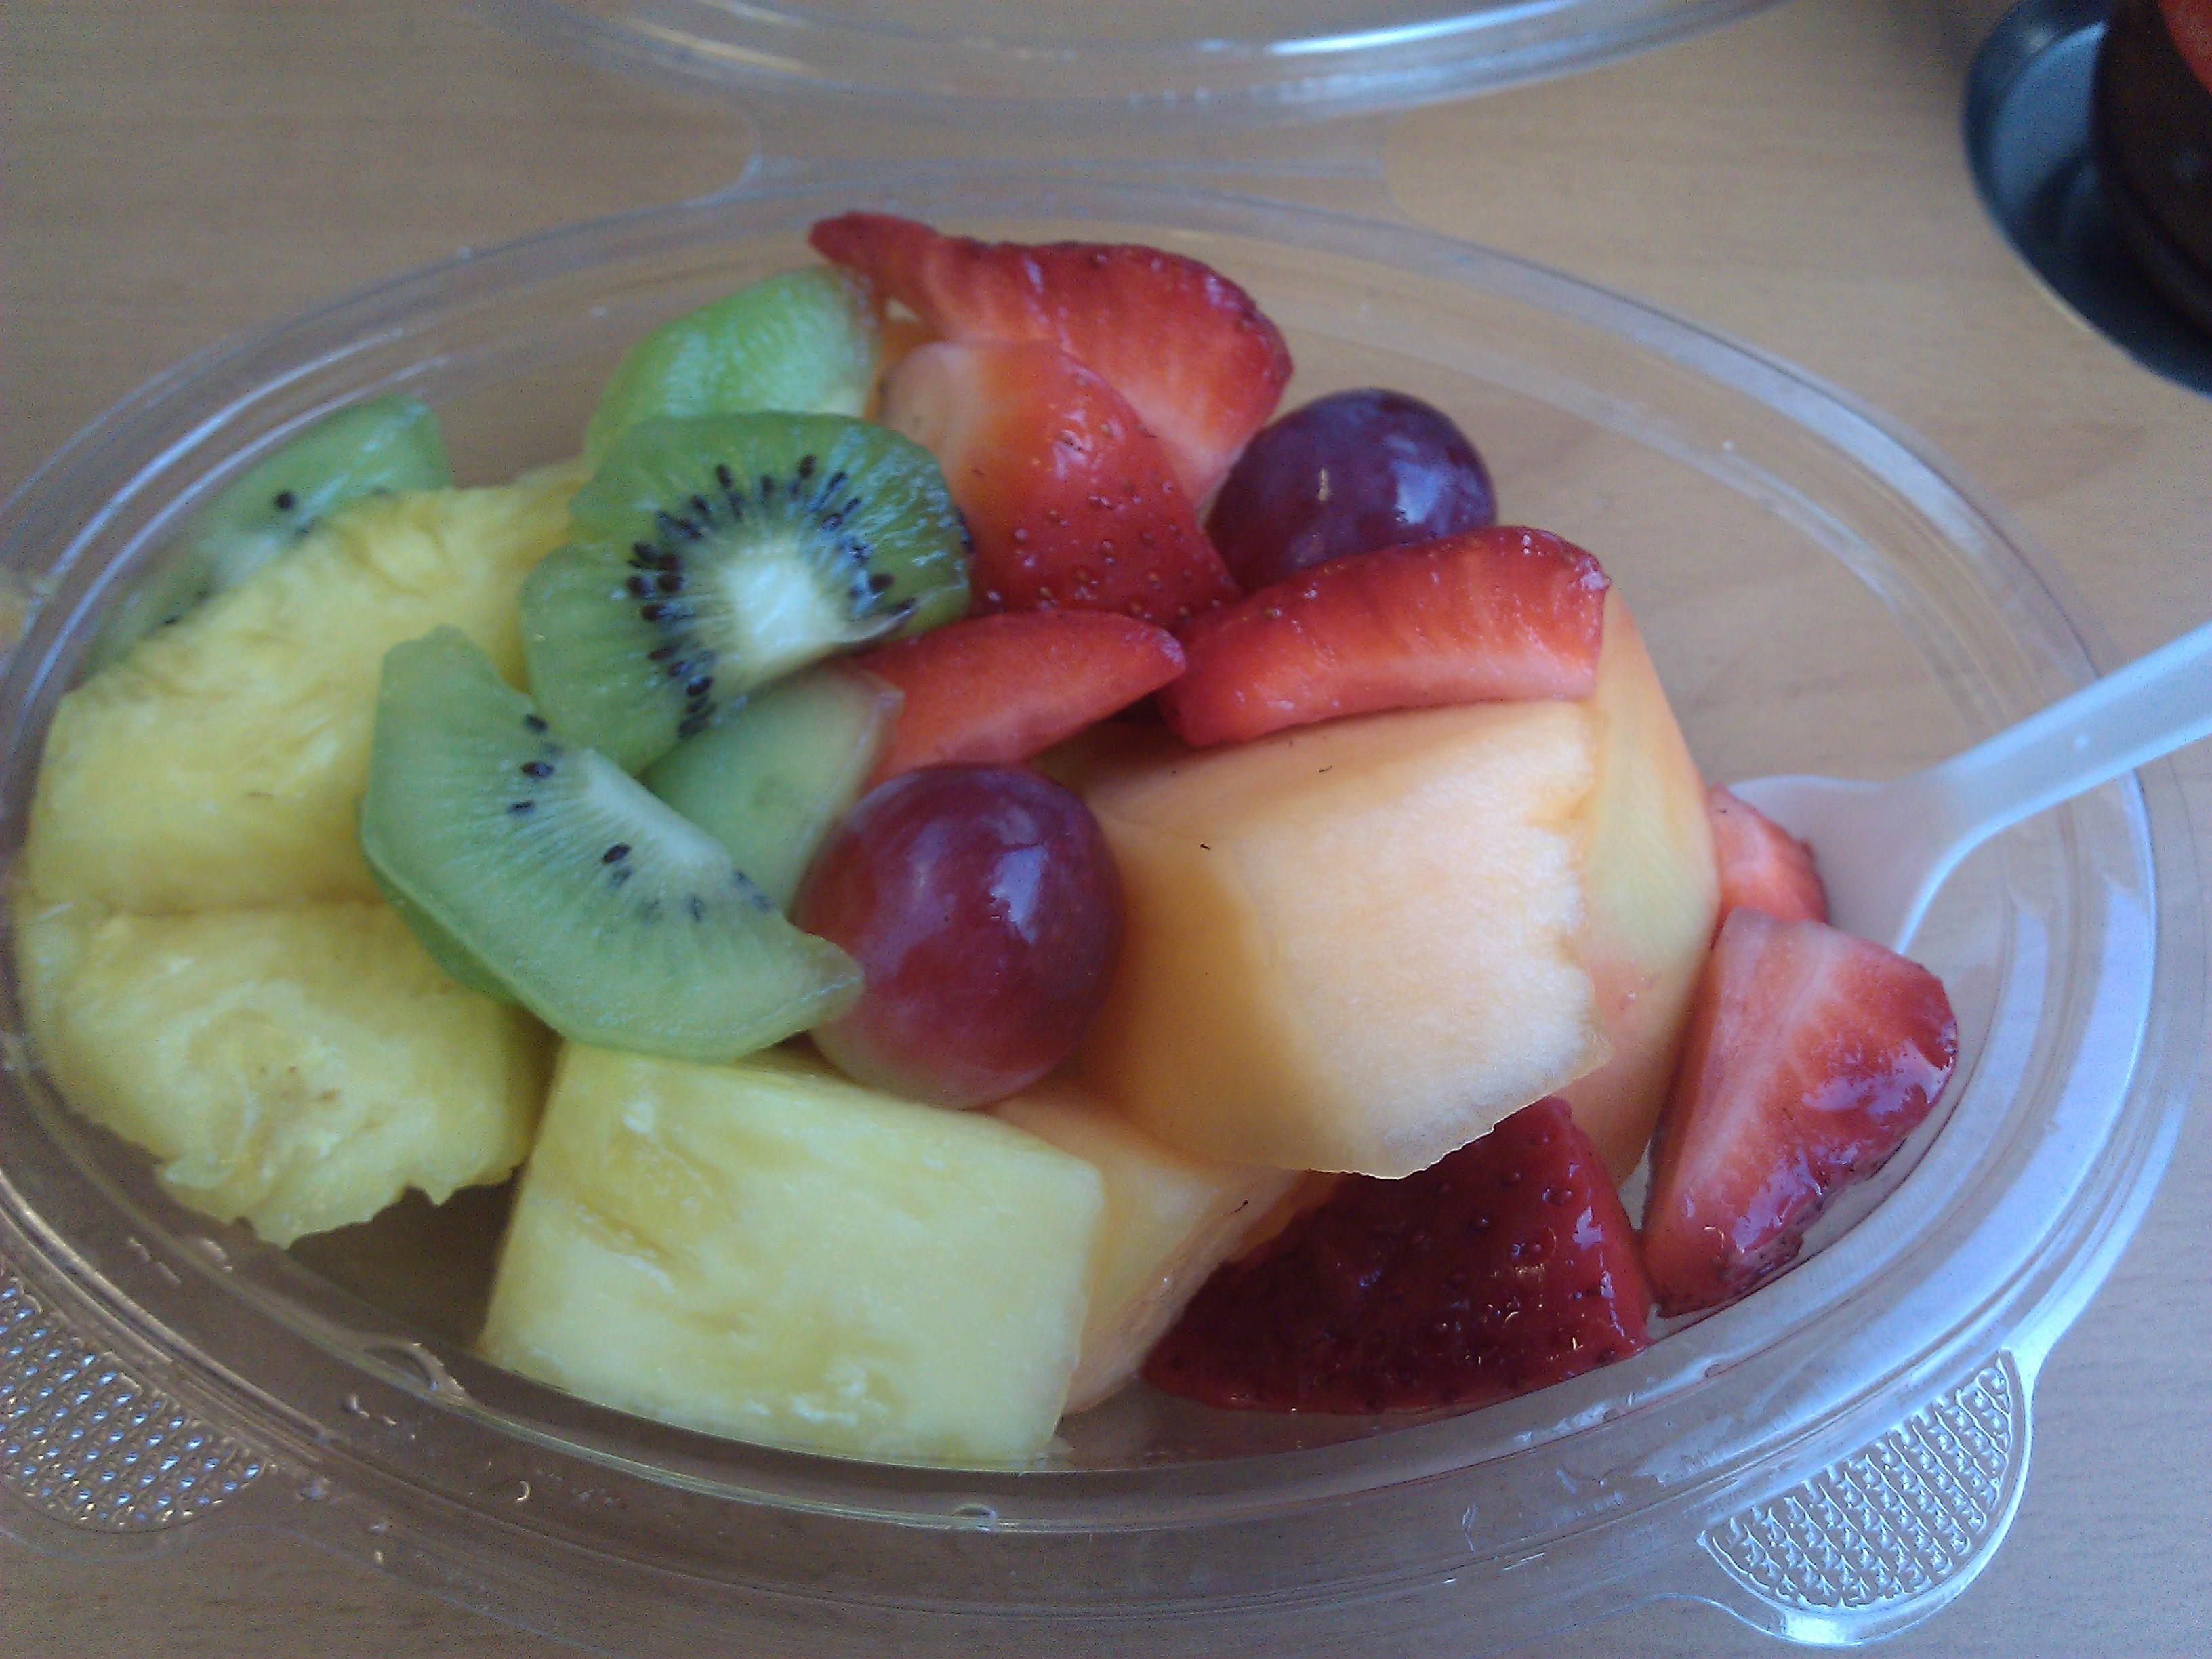 https://foodloader.net/henrik_2011-09-04_Fruit_Salad.jpg